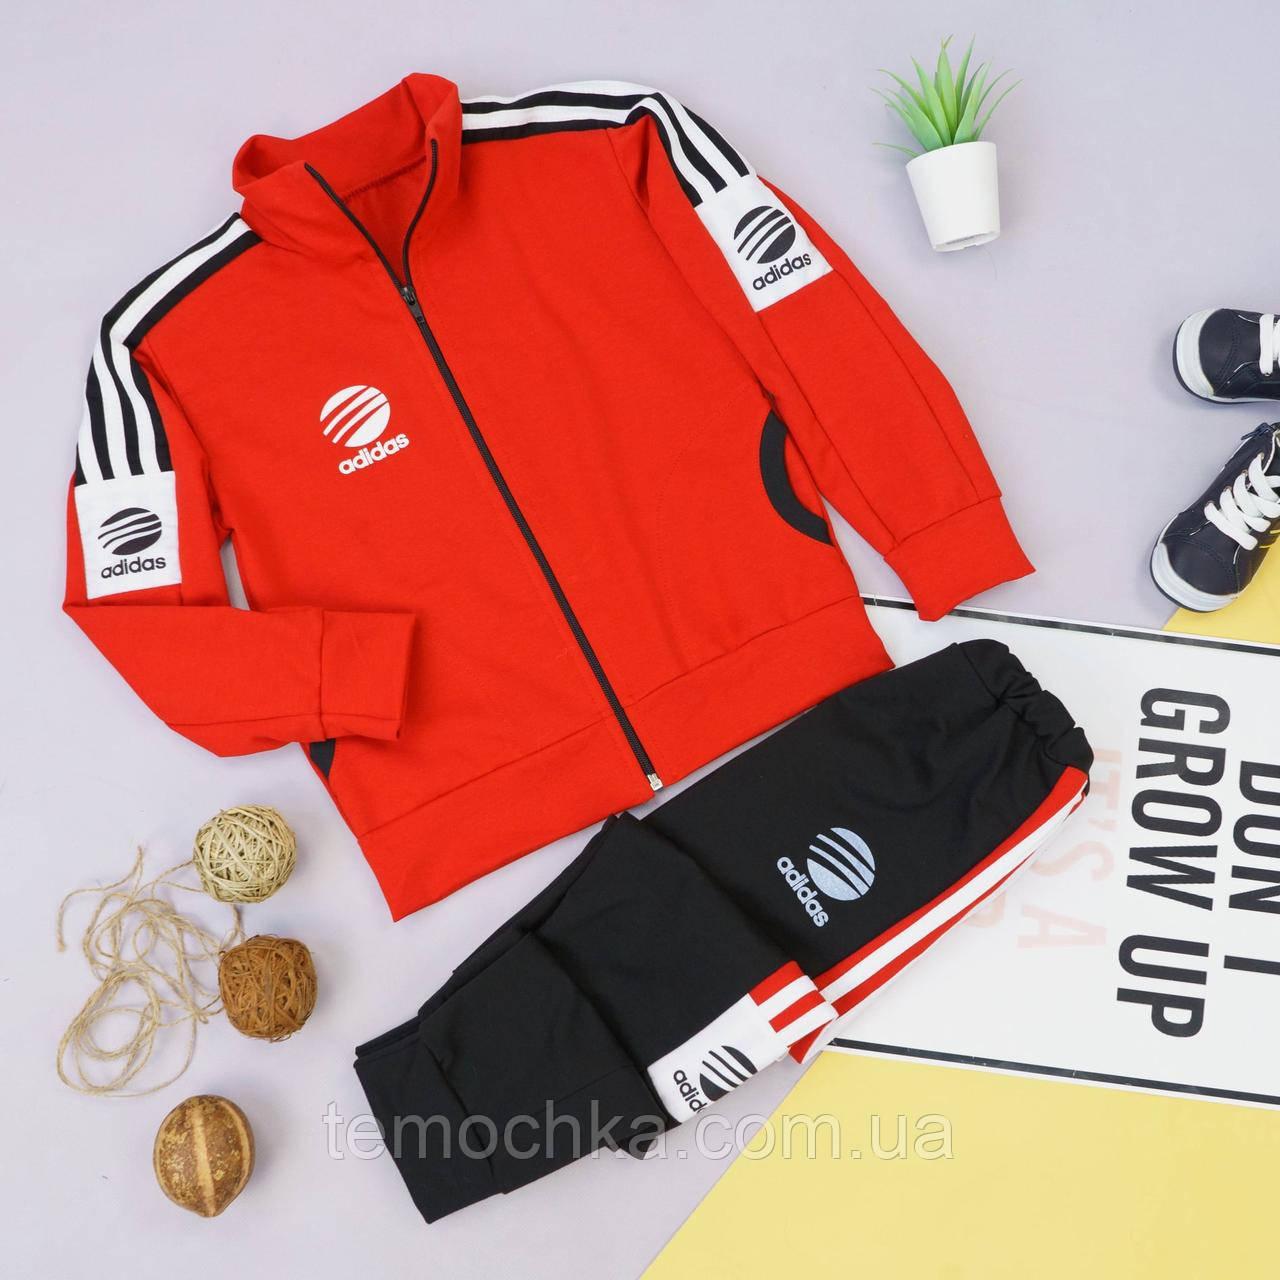 Спортивний дитячий костюм для хлопчика Адідас